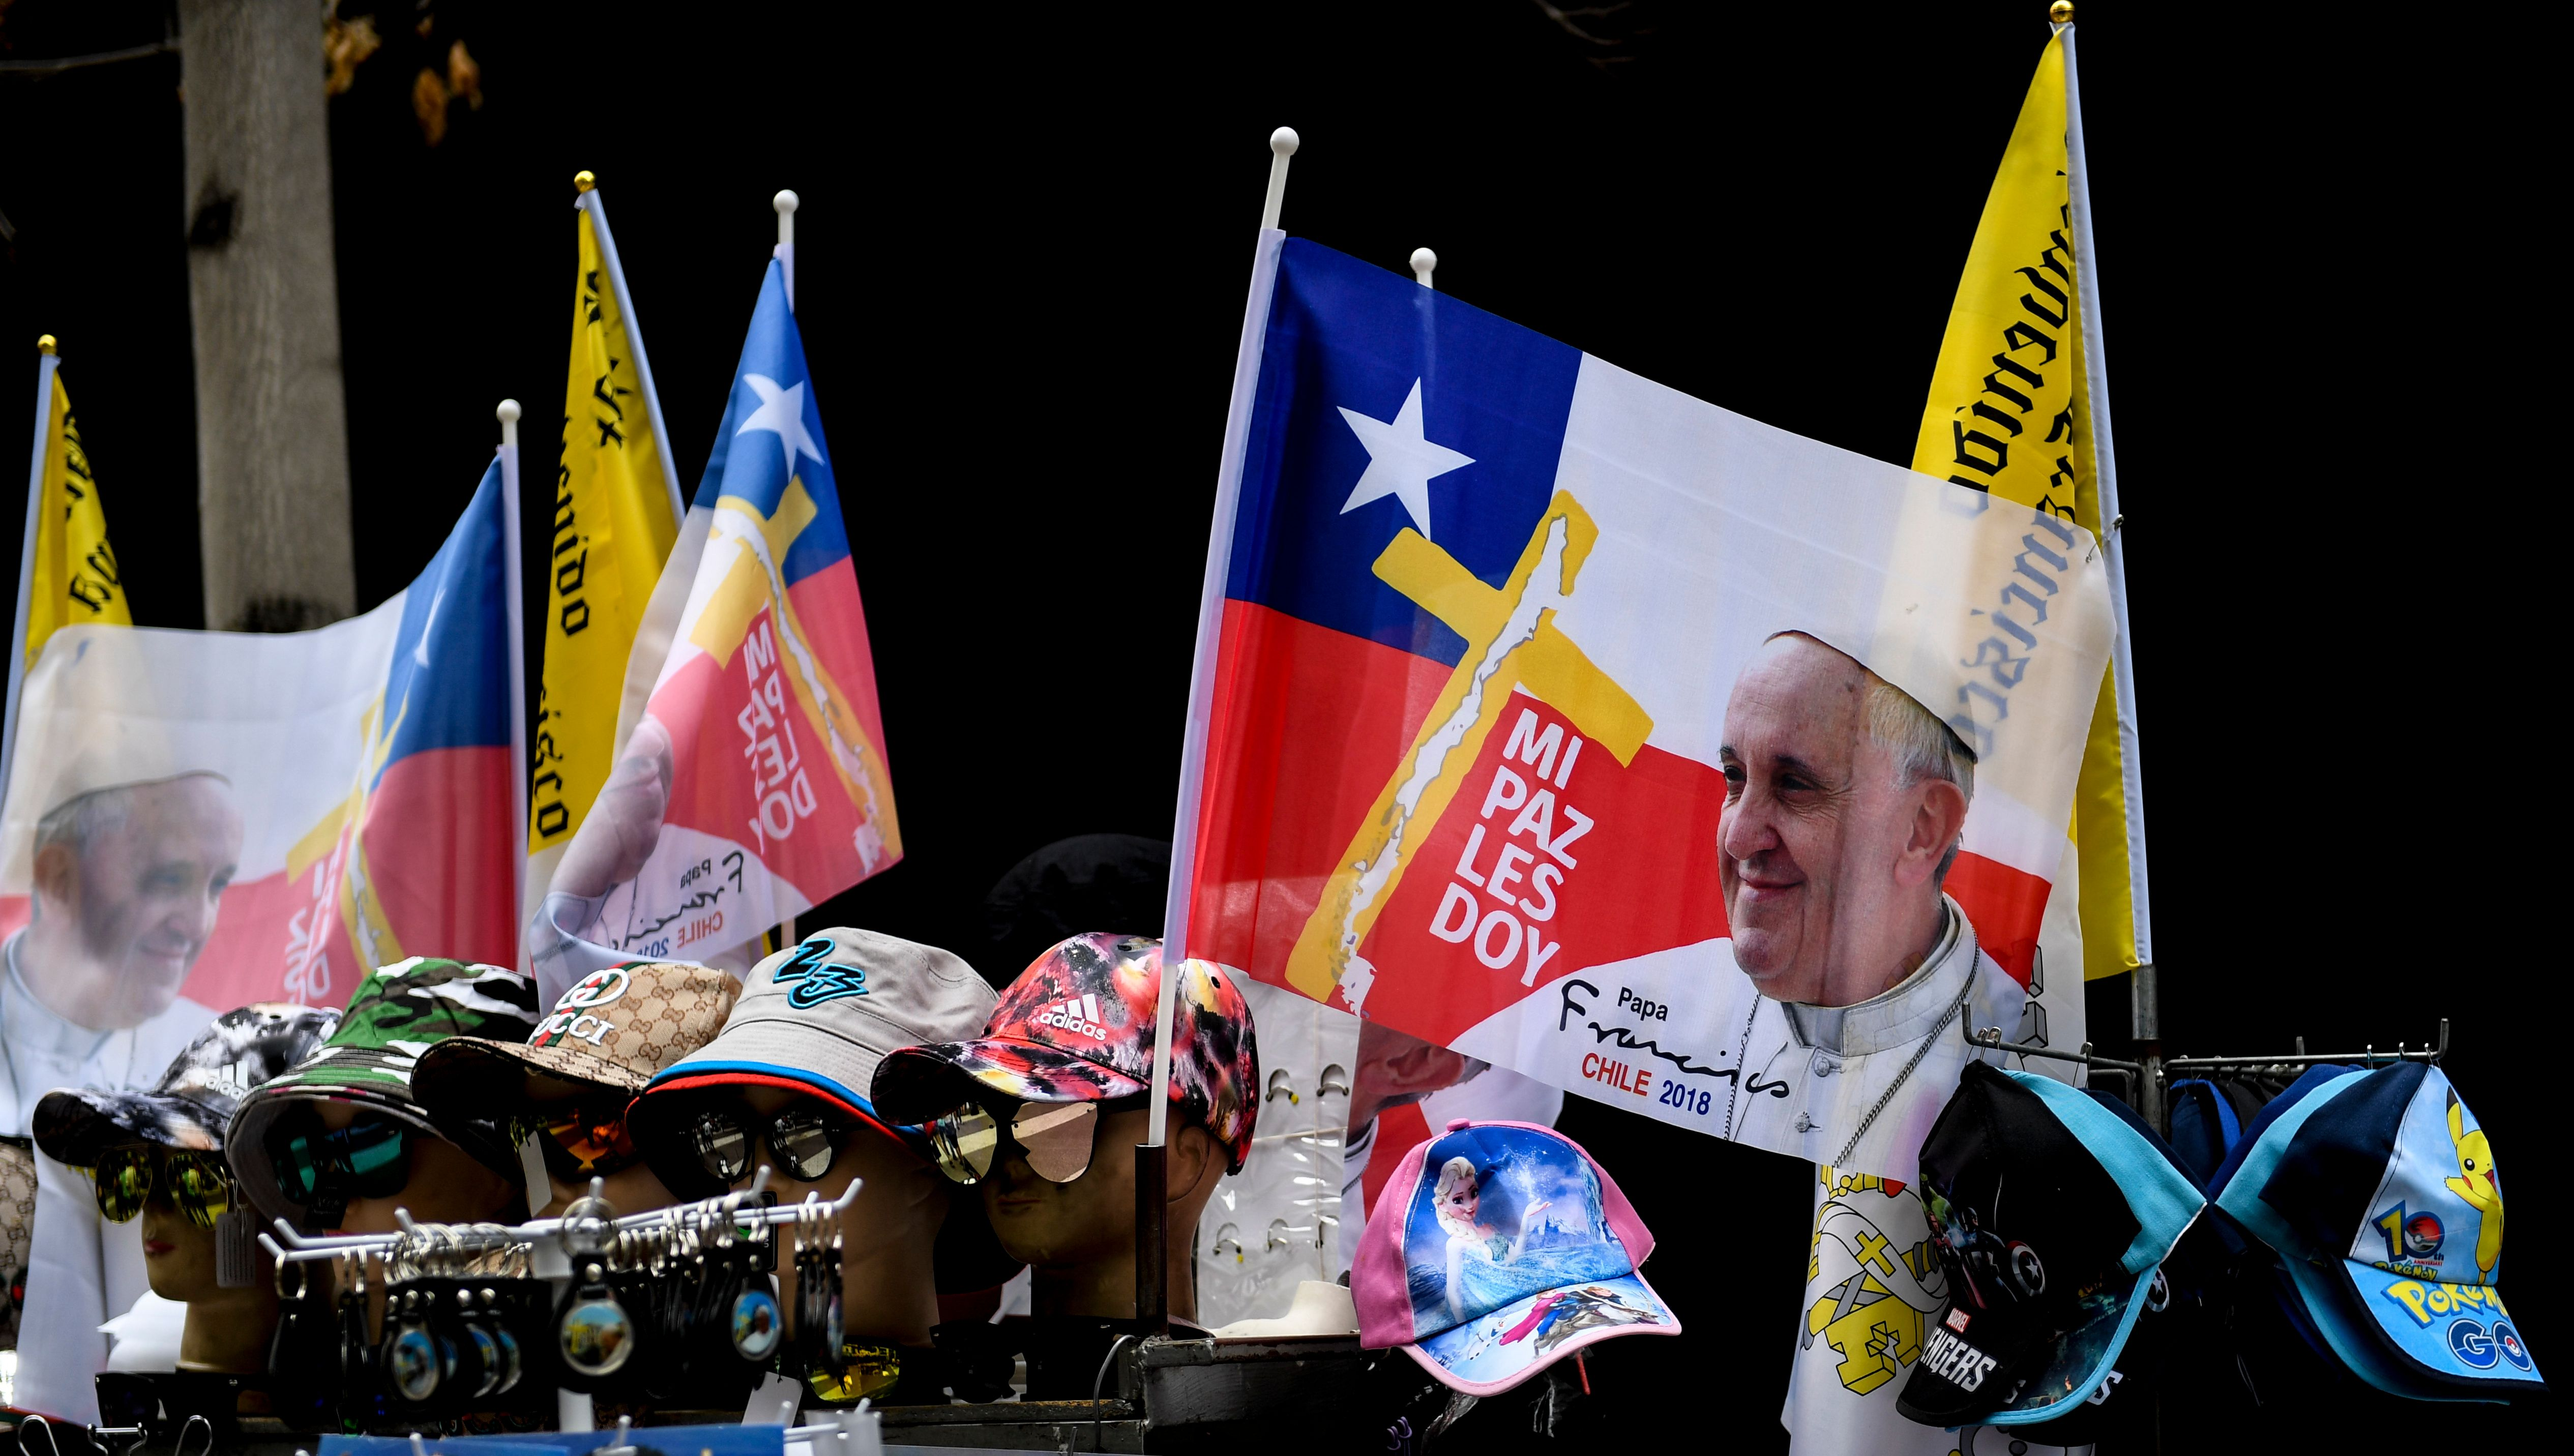 أعلام البابا فرانسيس